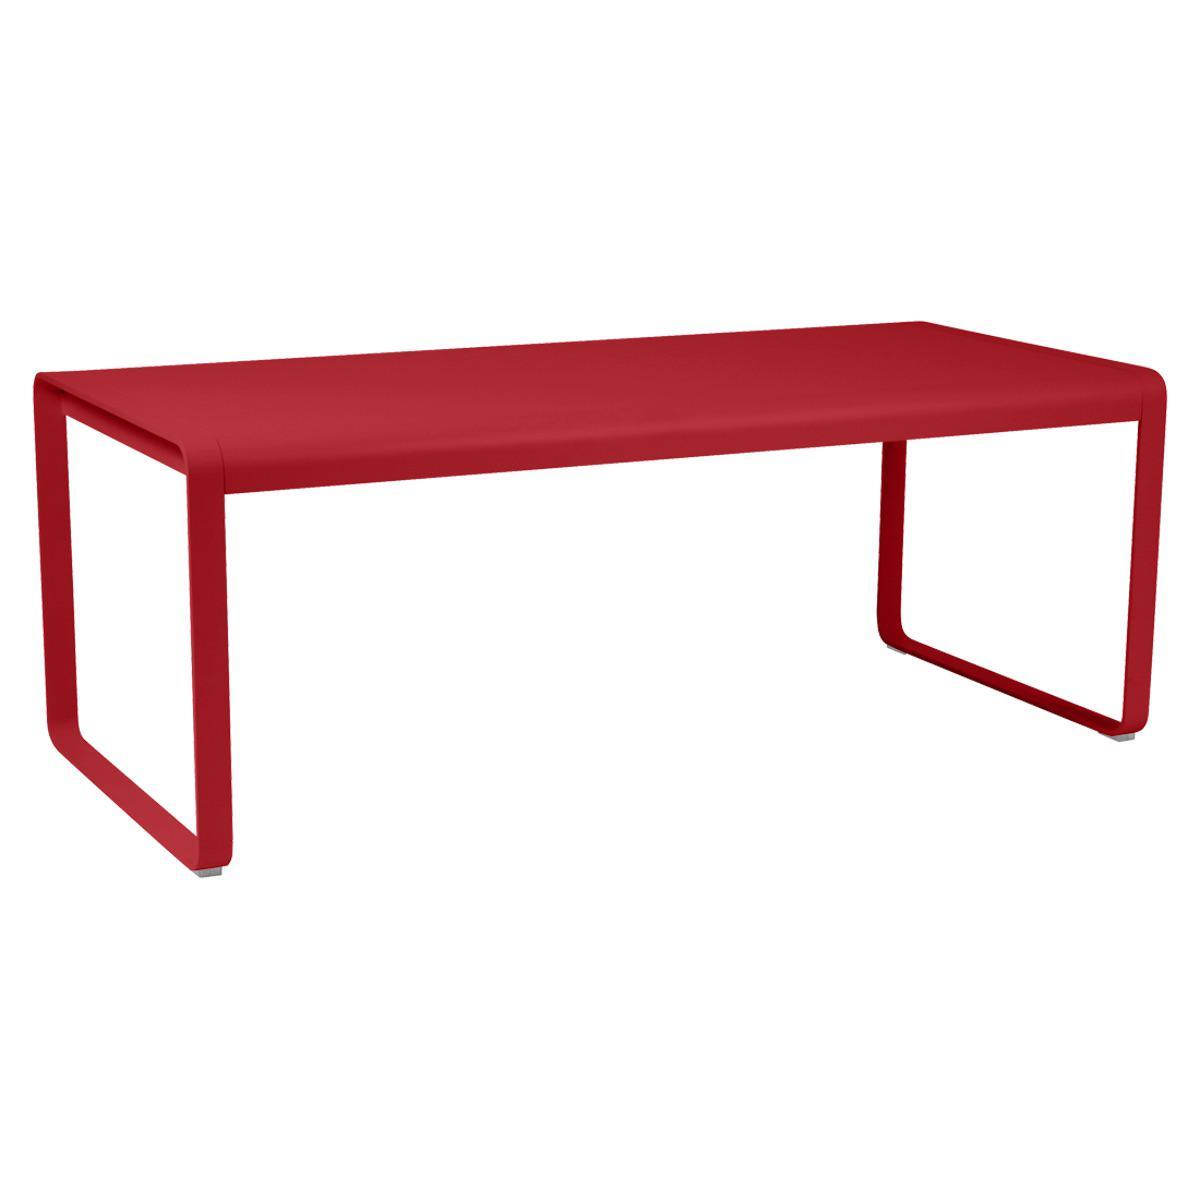 Table 90x196cm BELLEVIE PREMIUM Fermob rouge coquelicot